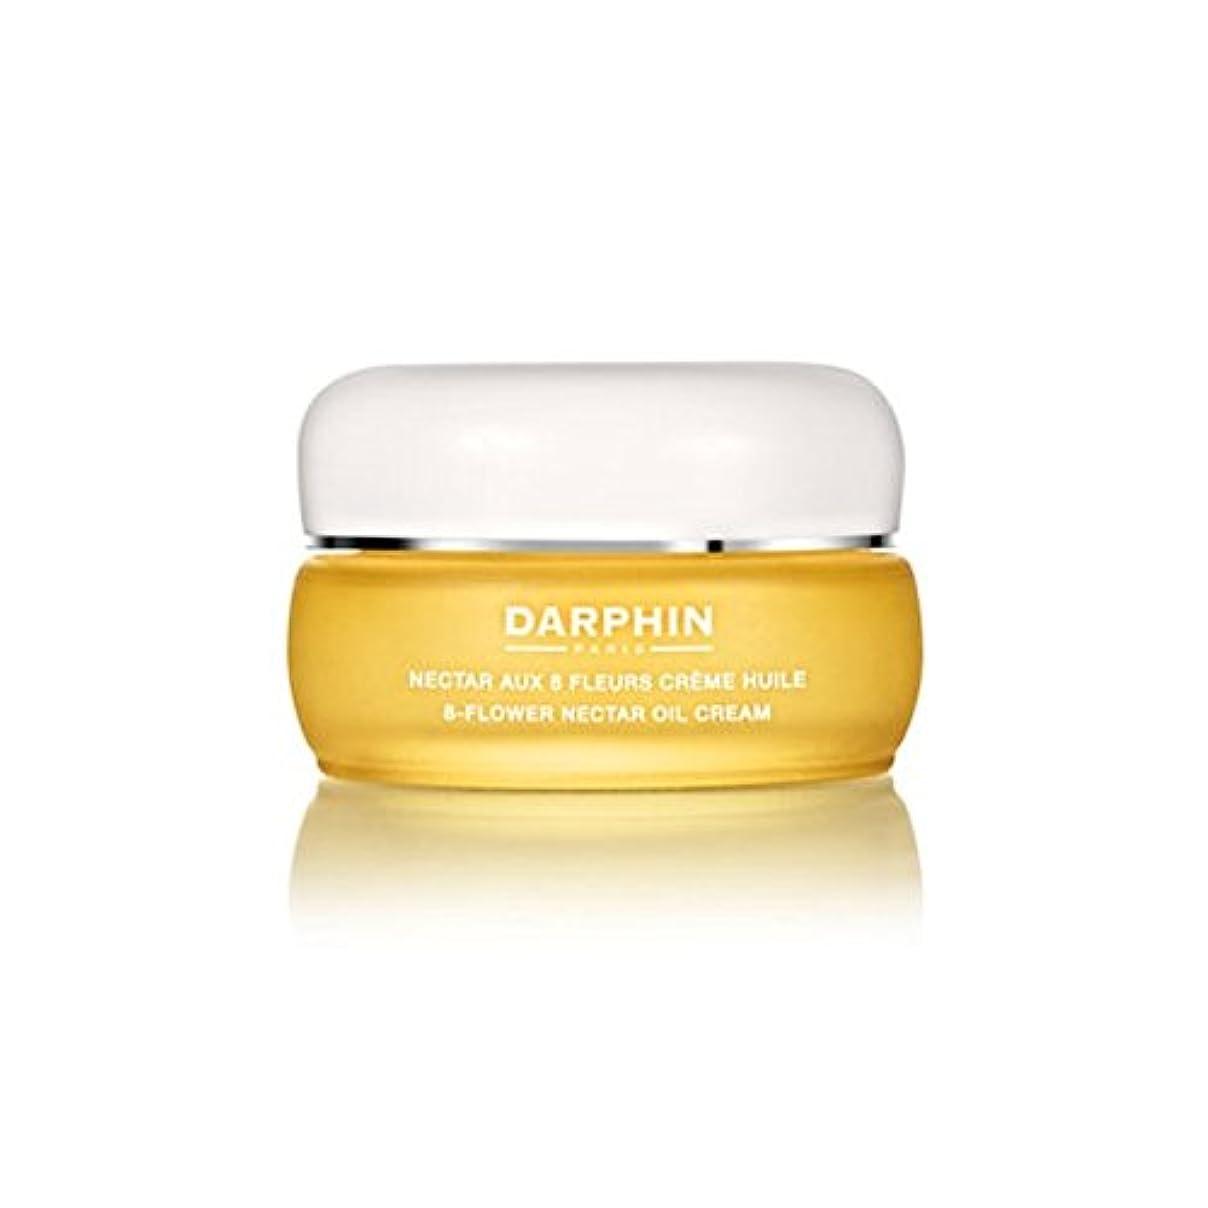 許容コンプリート肩をすくめるダルファン8フラワー油クリーム(30ミリリットル) x4 - Darphin 8-Flower Oil Cream (30ml) (Pack of 4) [並行輸入品]